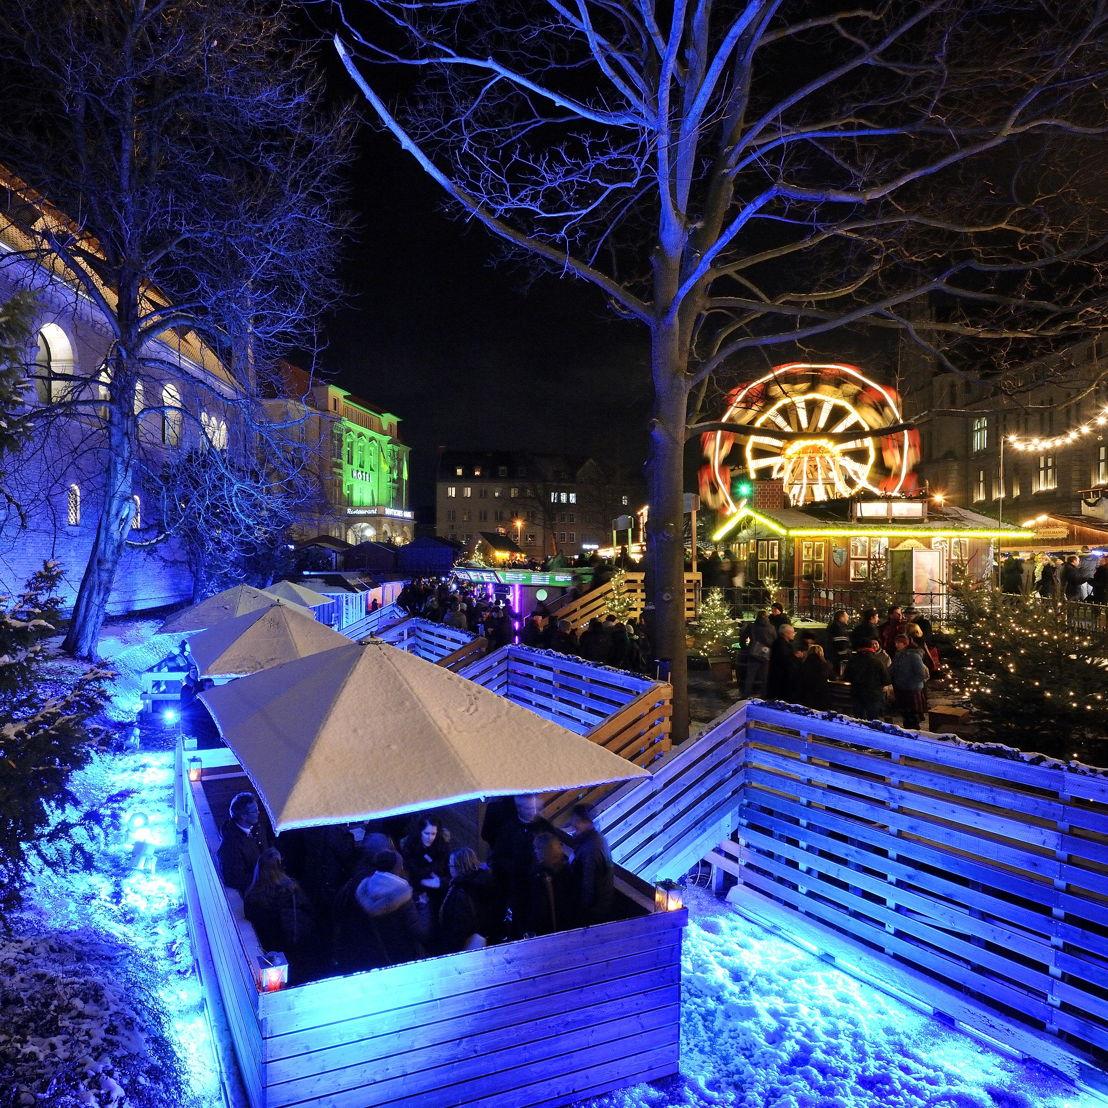 Braunschweig Weihnachtsmarkt Burggraben klc) Braunschweig Stadtmarketing Daniel Möller